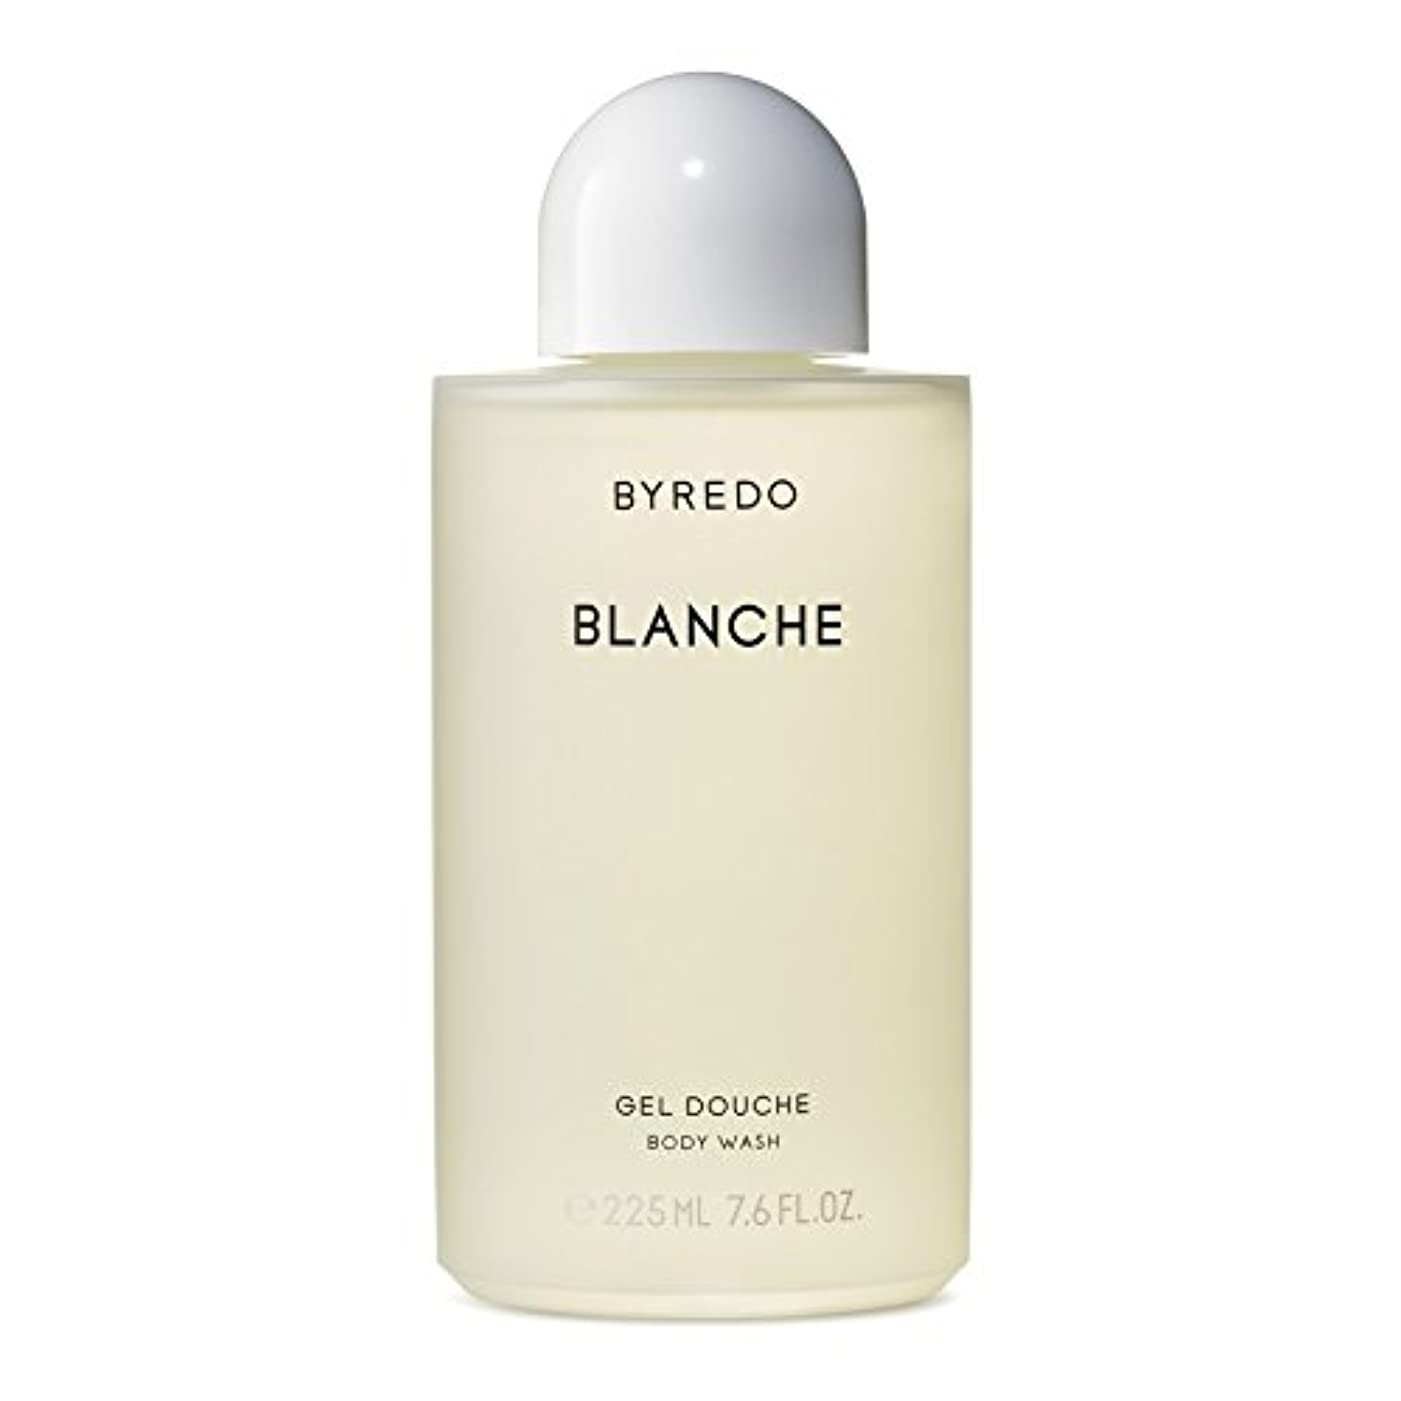 クリームほめる有料Byredo Blanche Body Wash 225ml - ブランシュボディウォッシュ225ミリリットル [並行輸入品]